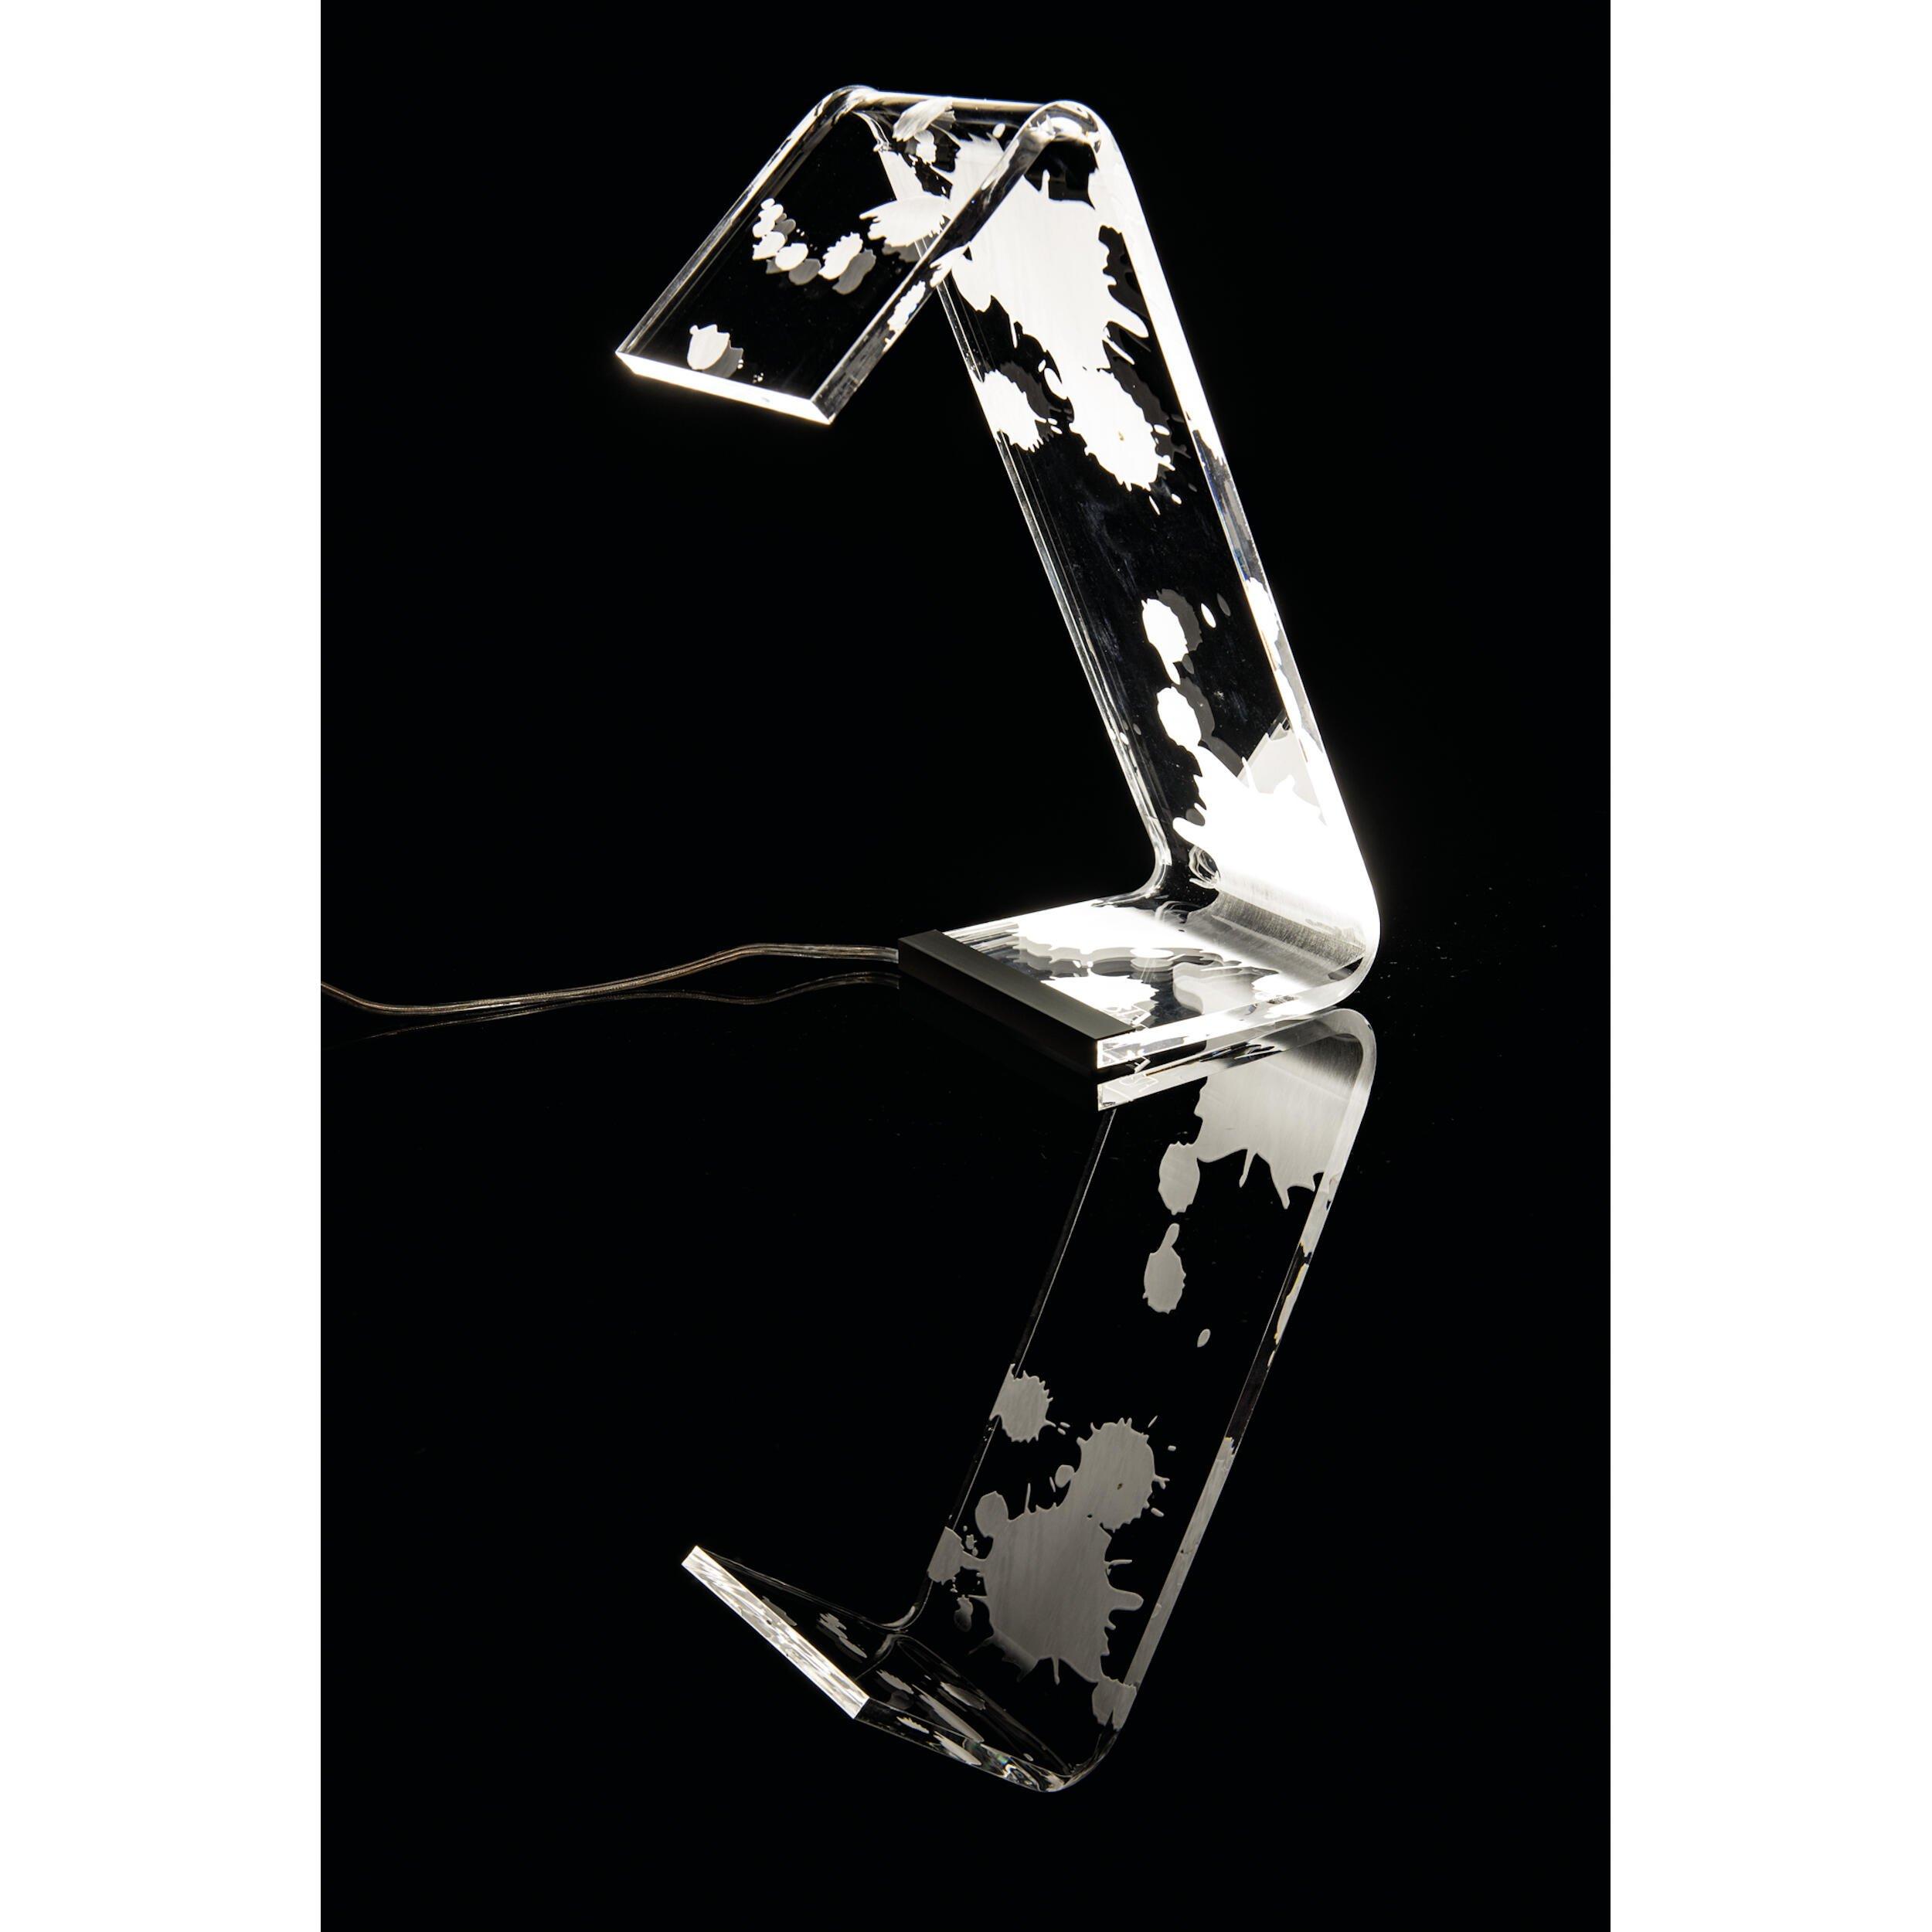 Lampada da Tavolo in plexi bicolore C-LED 13,5x24x34h cm Macchia  Vesta  Stilcasa.Net: lampade ...